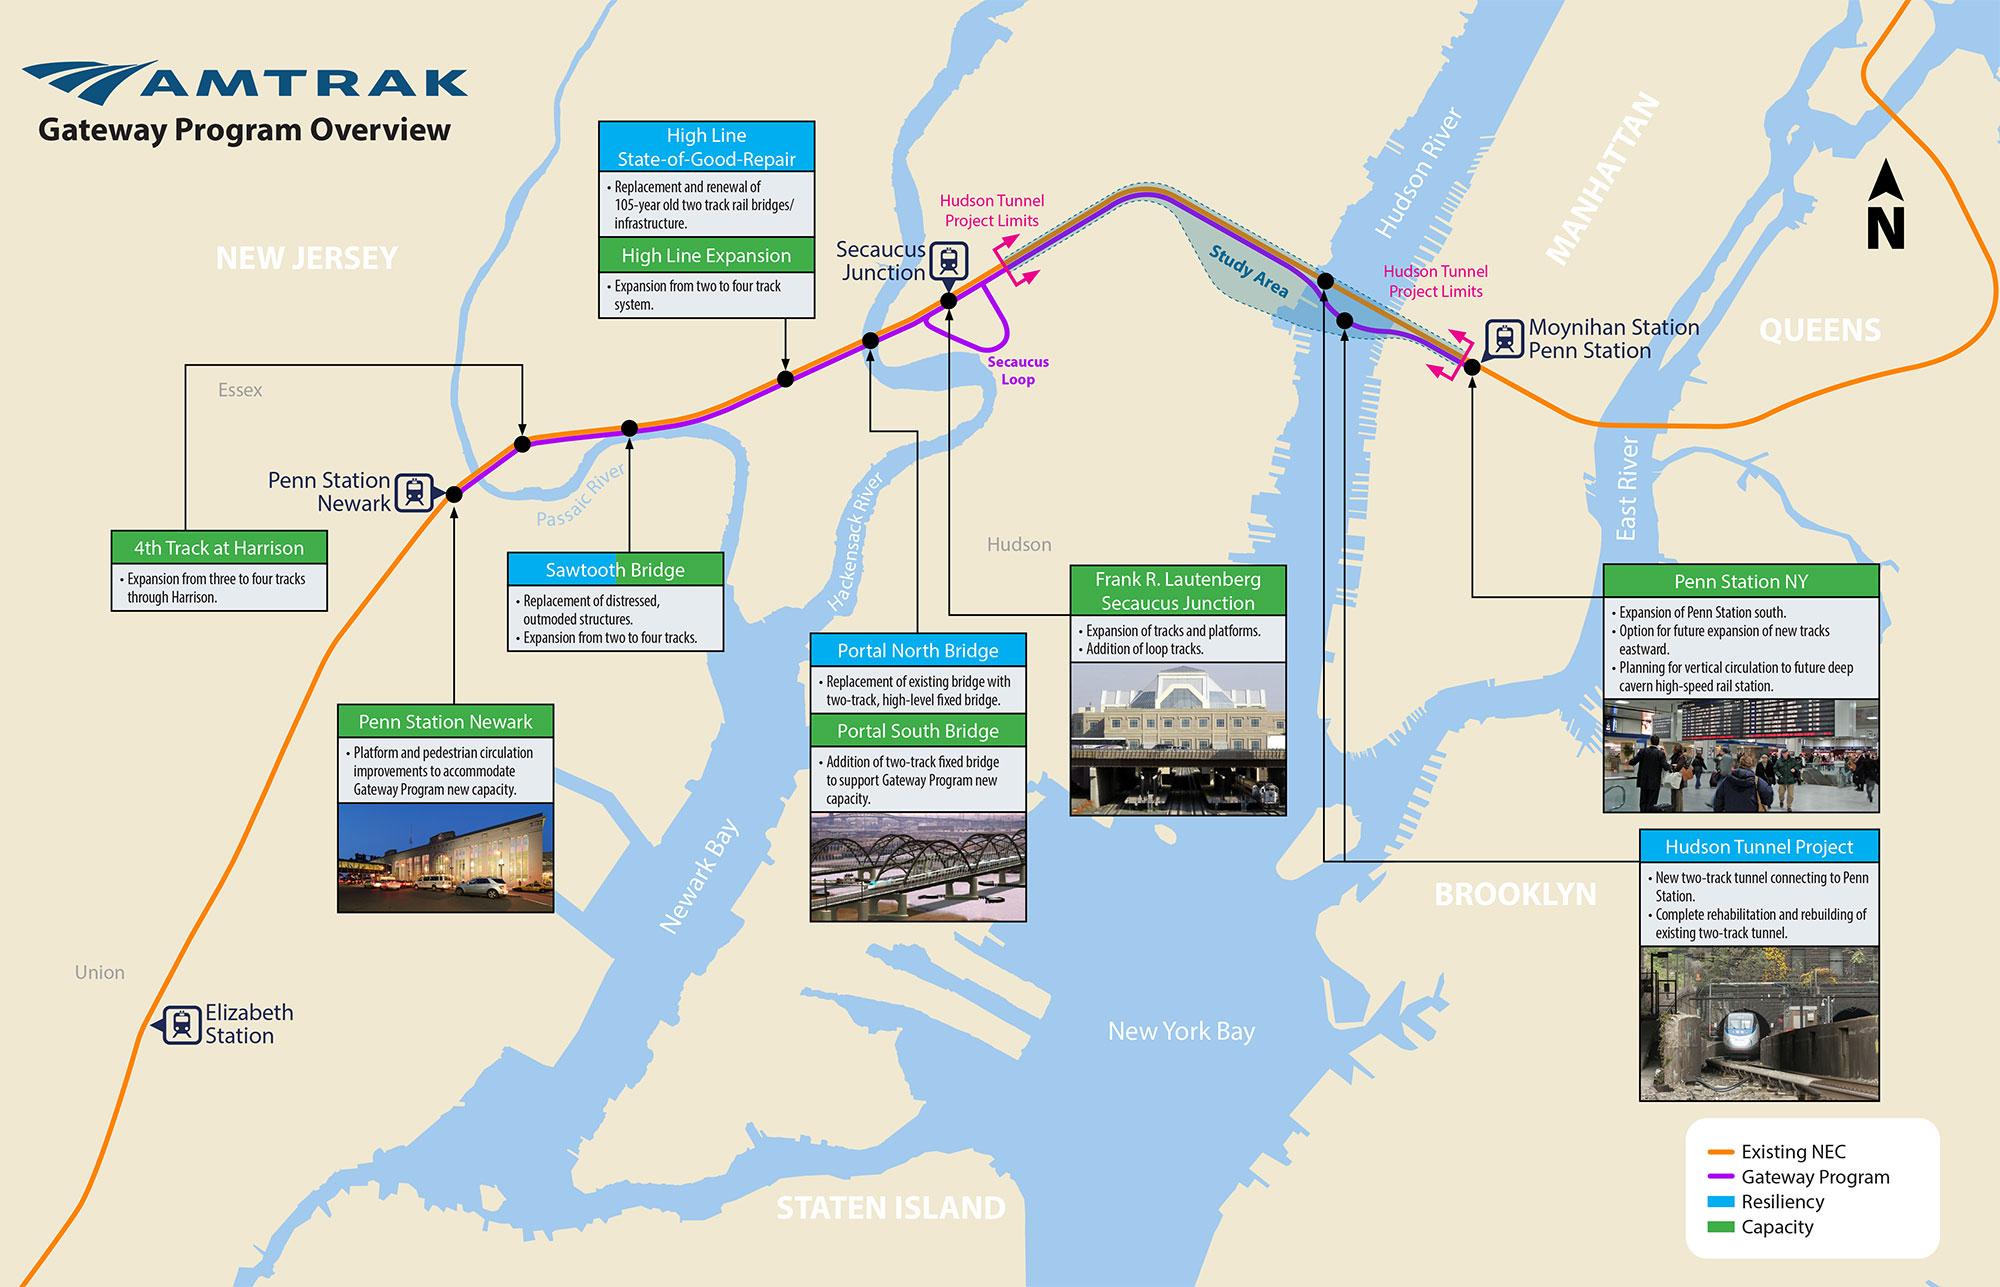 Amtrak Gateway Program